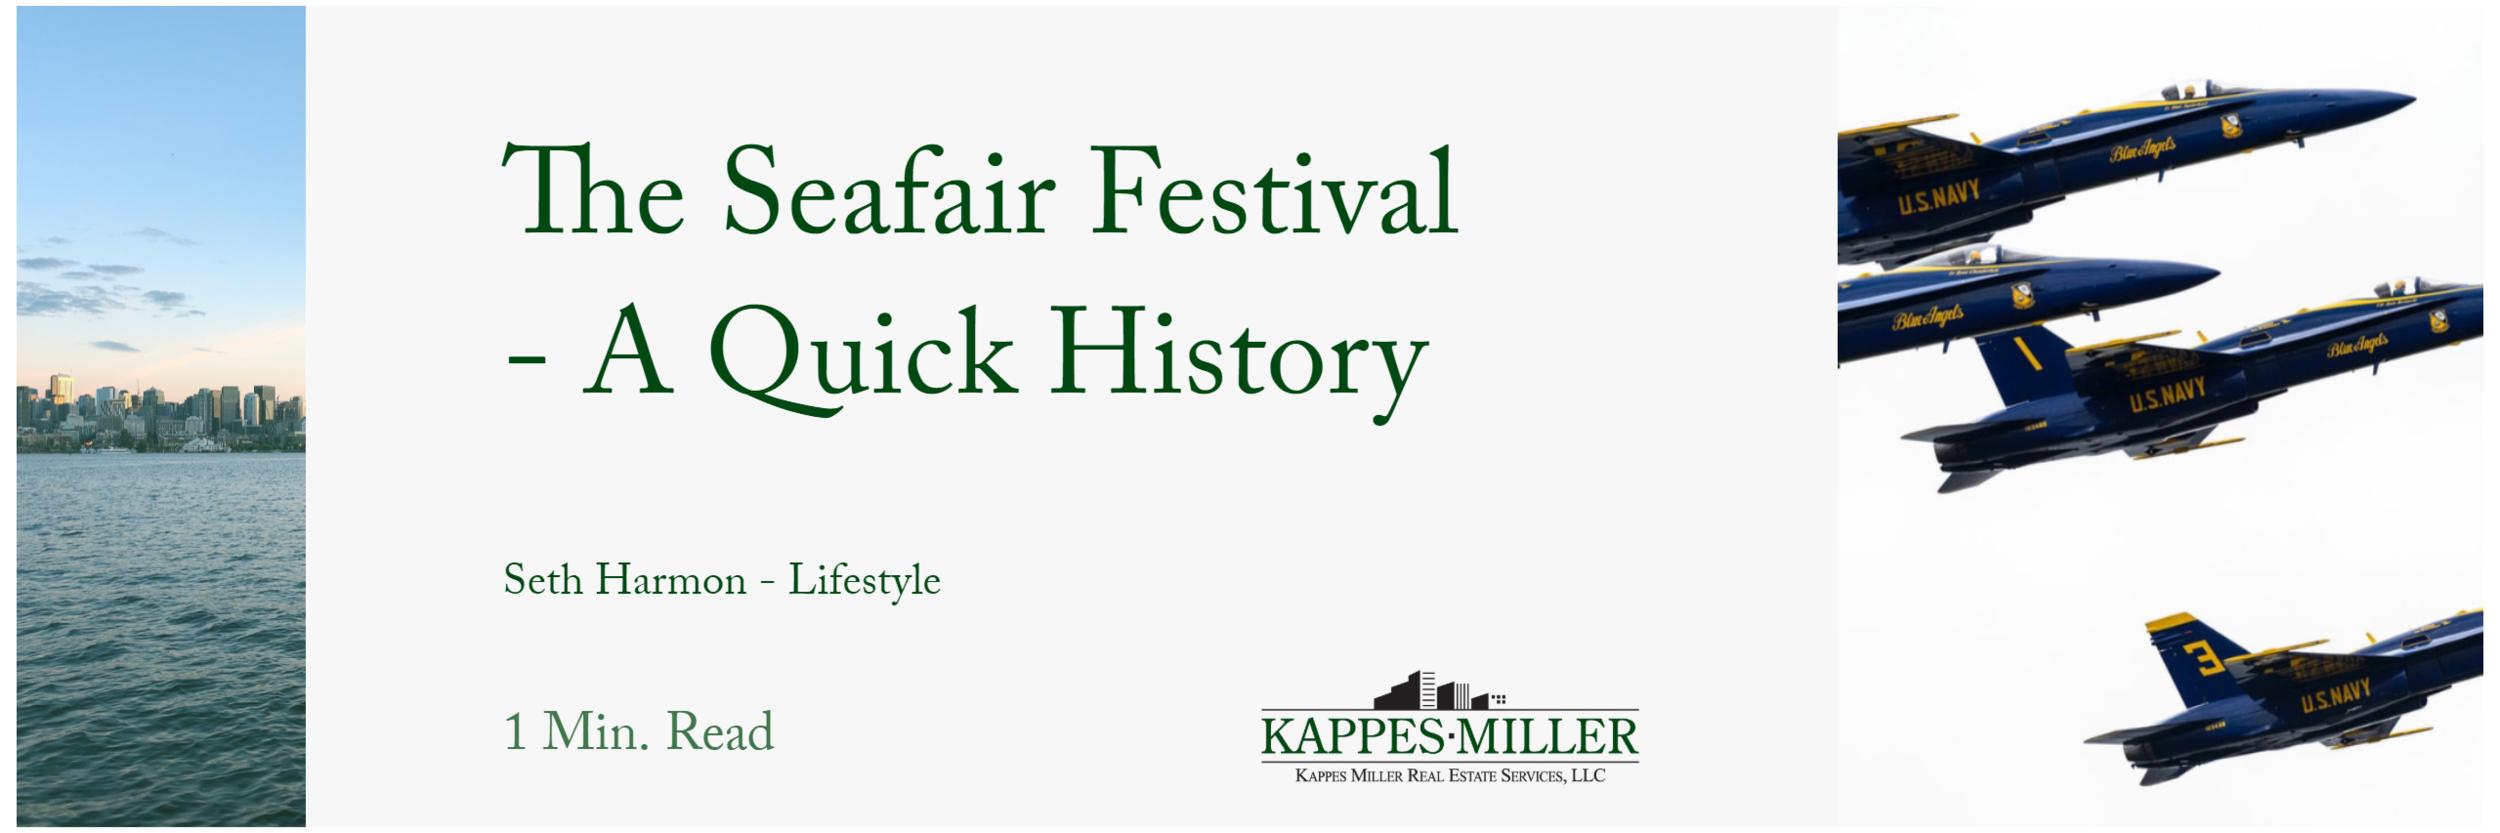 Kappes Miller Real Estate Services Seafair Festival History Blog Post.png